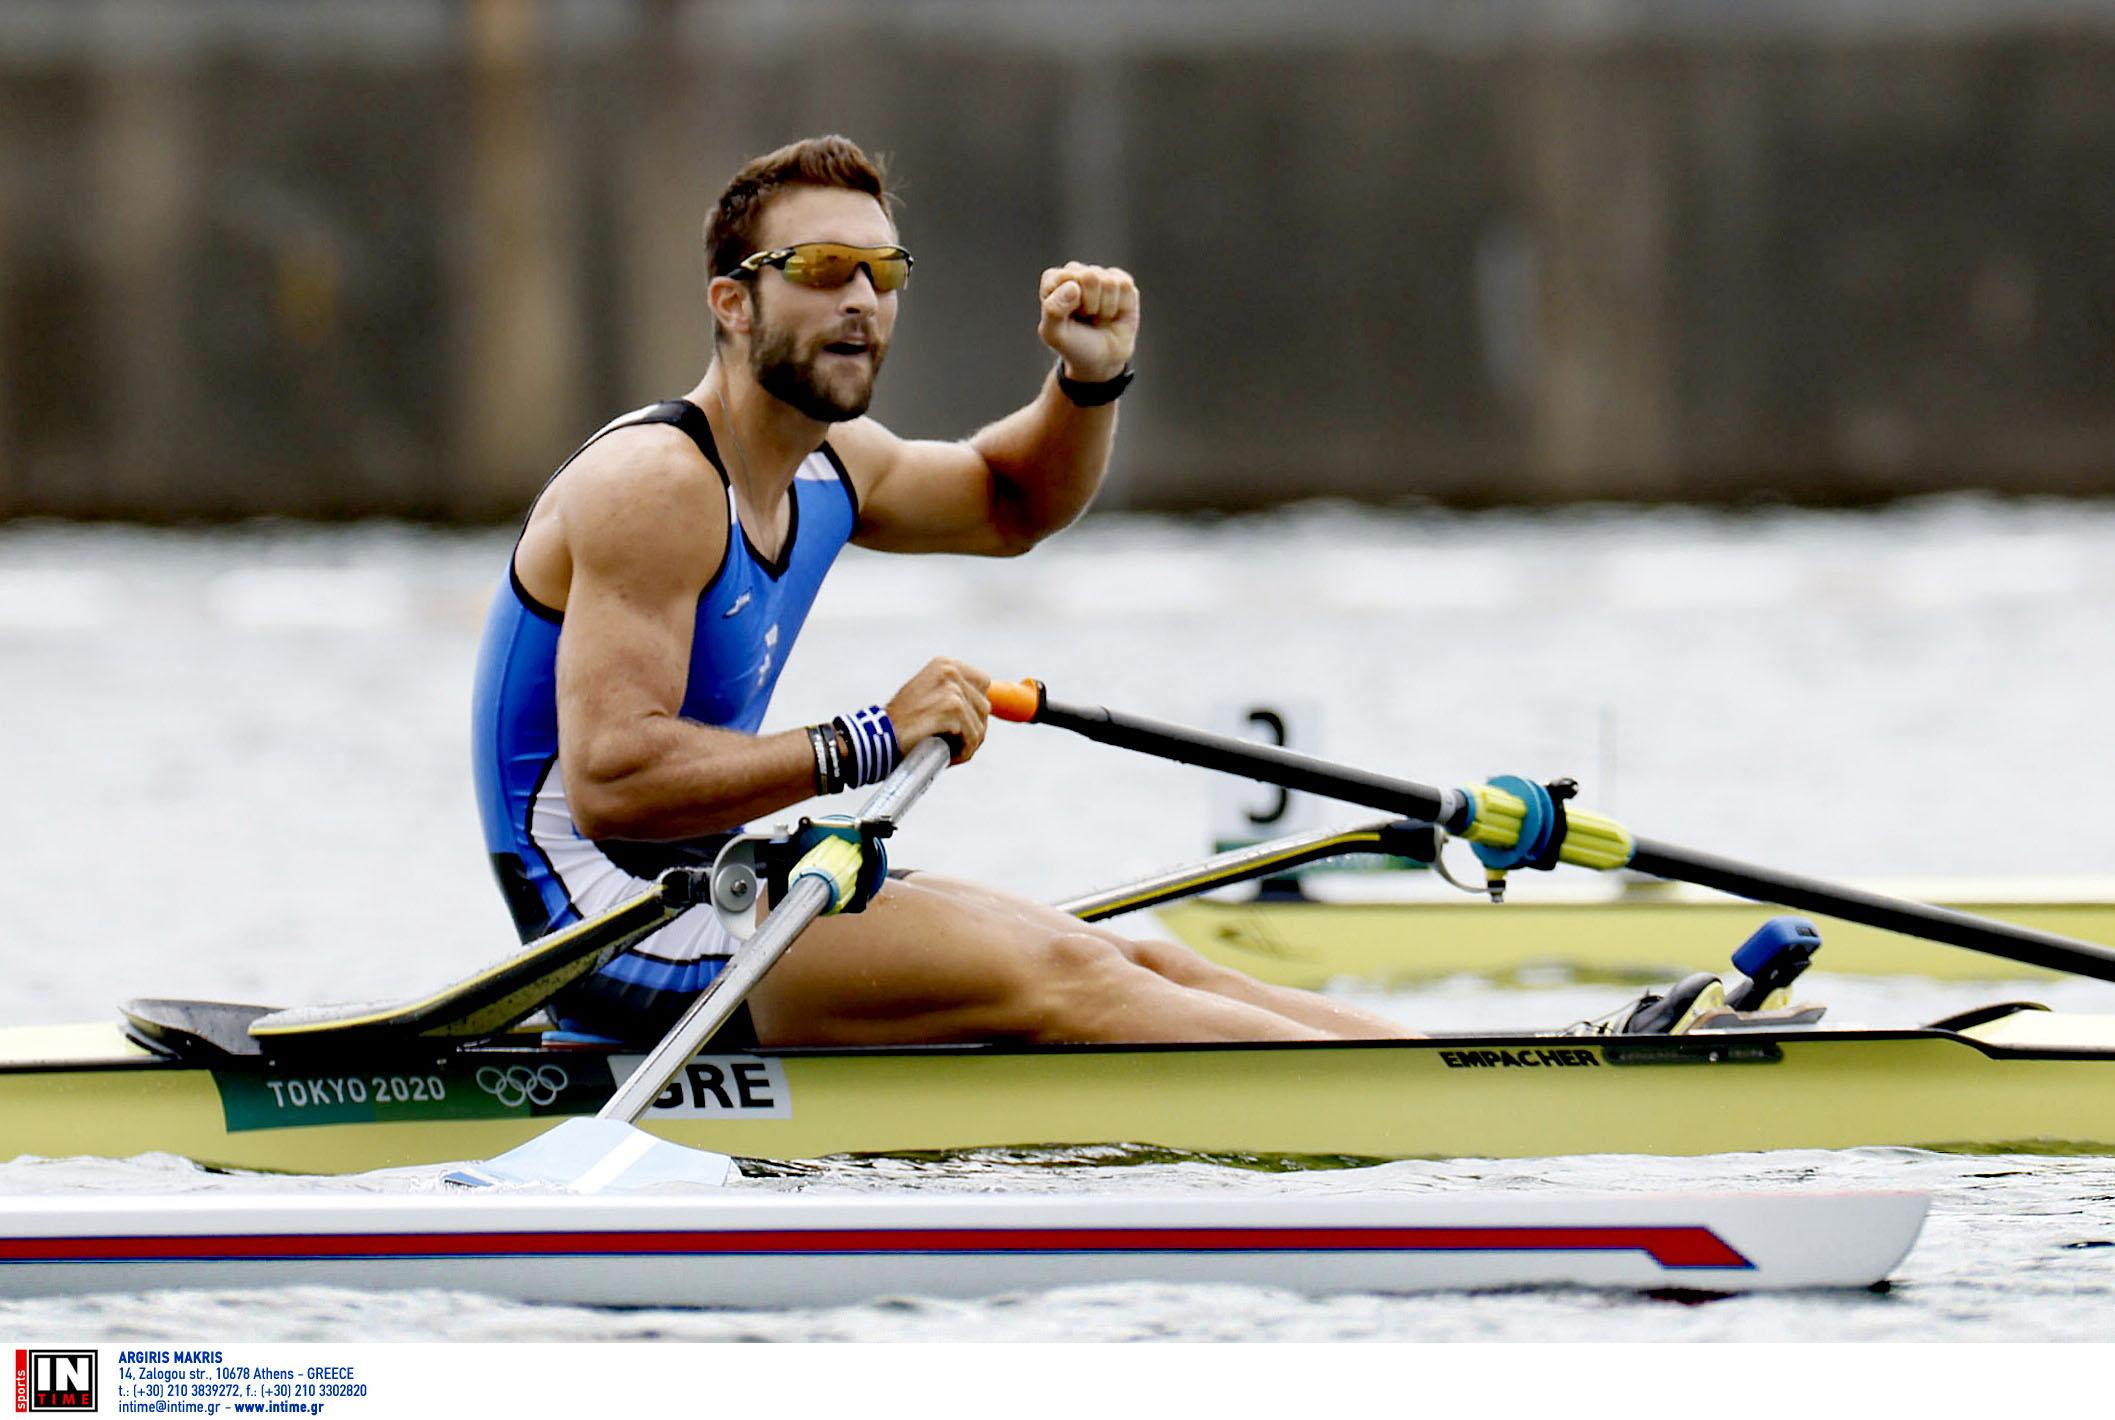 Στέφανος Ντούσκος: Πότε επιστρέφει στην Ελλάδα ο «χρυσός» Ολυμπιονίκης του Τόκιο